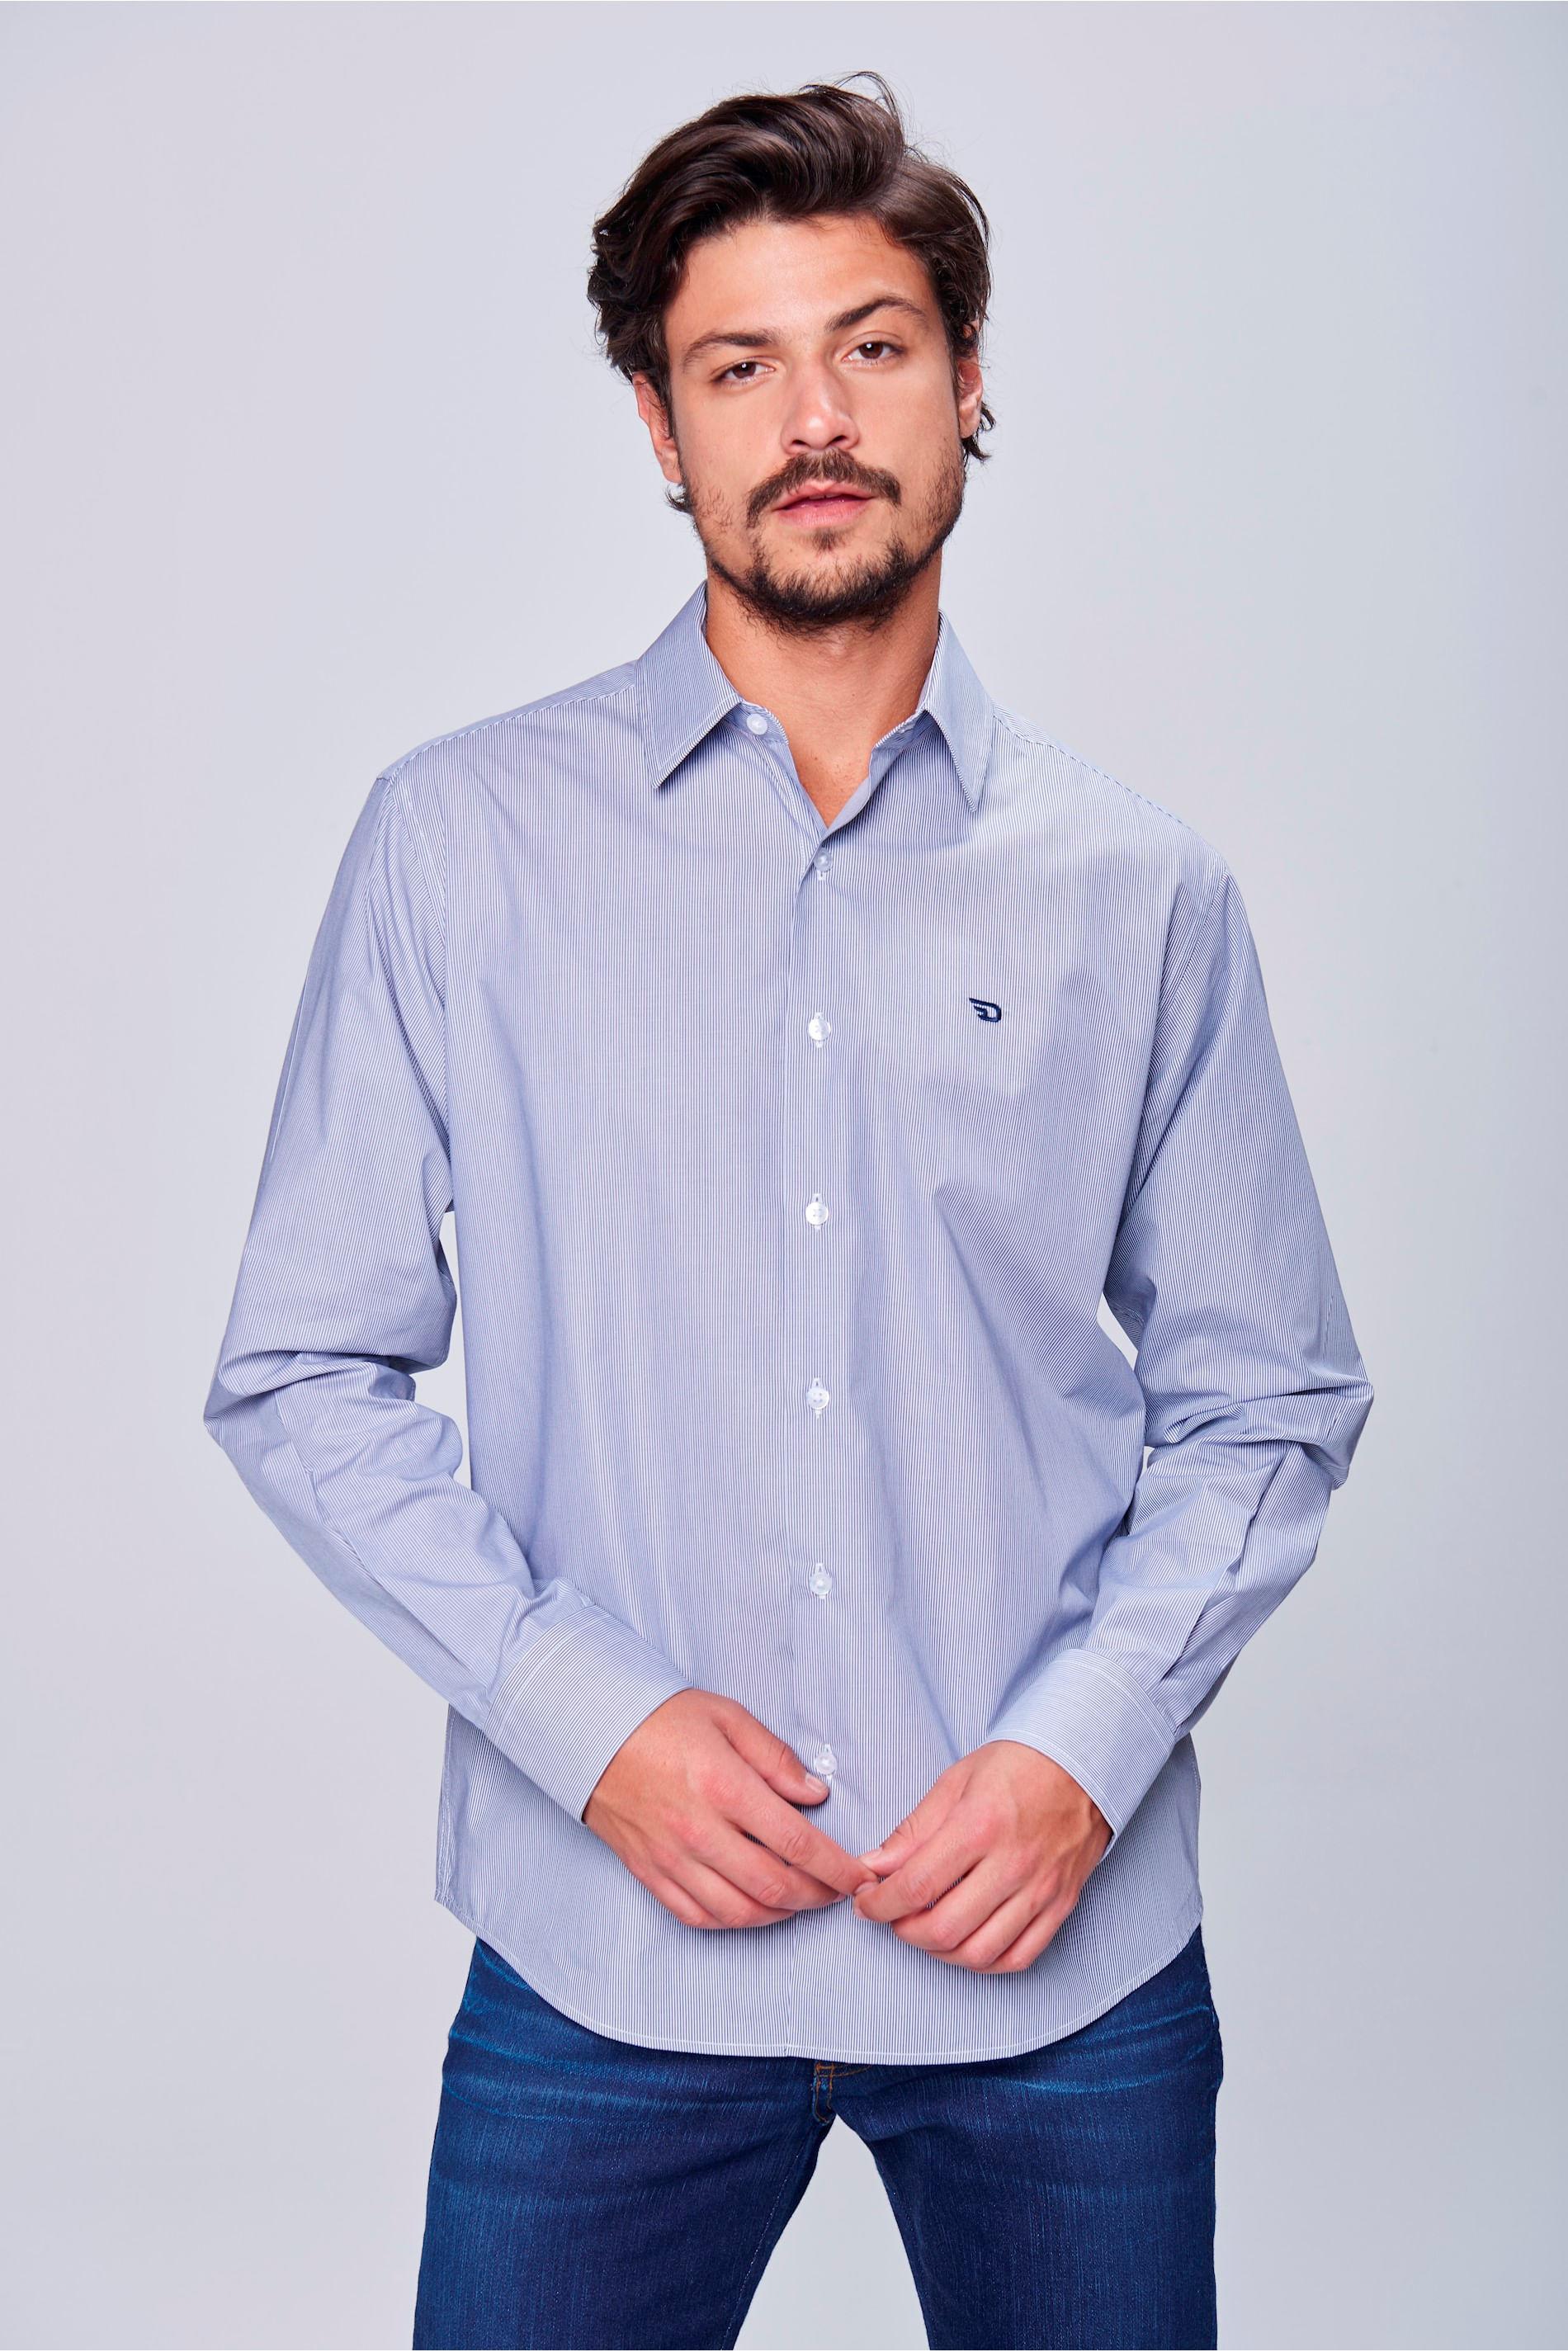 040ff6732a Camisa Social Listrada Algodão Peruano - Damyller